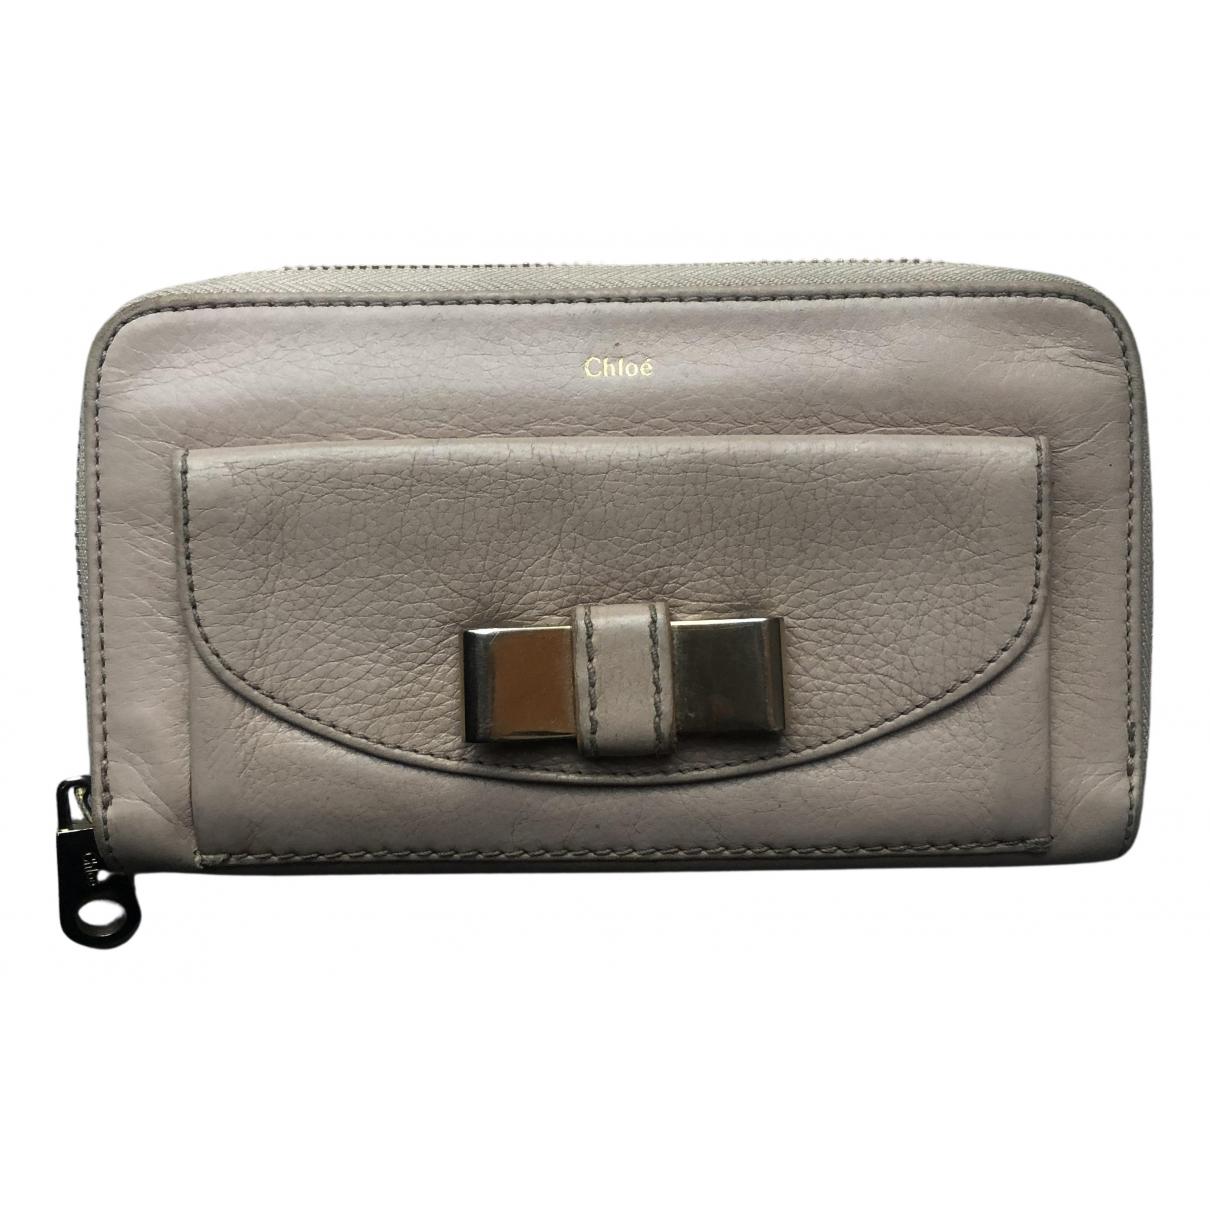 Chloé N Beige Leather wallet for Women N